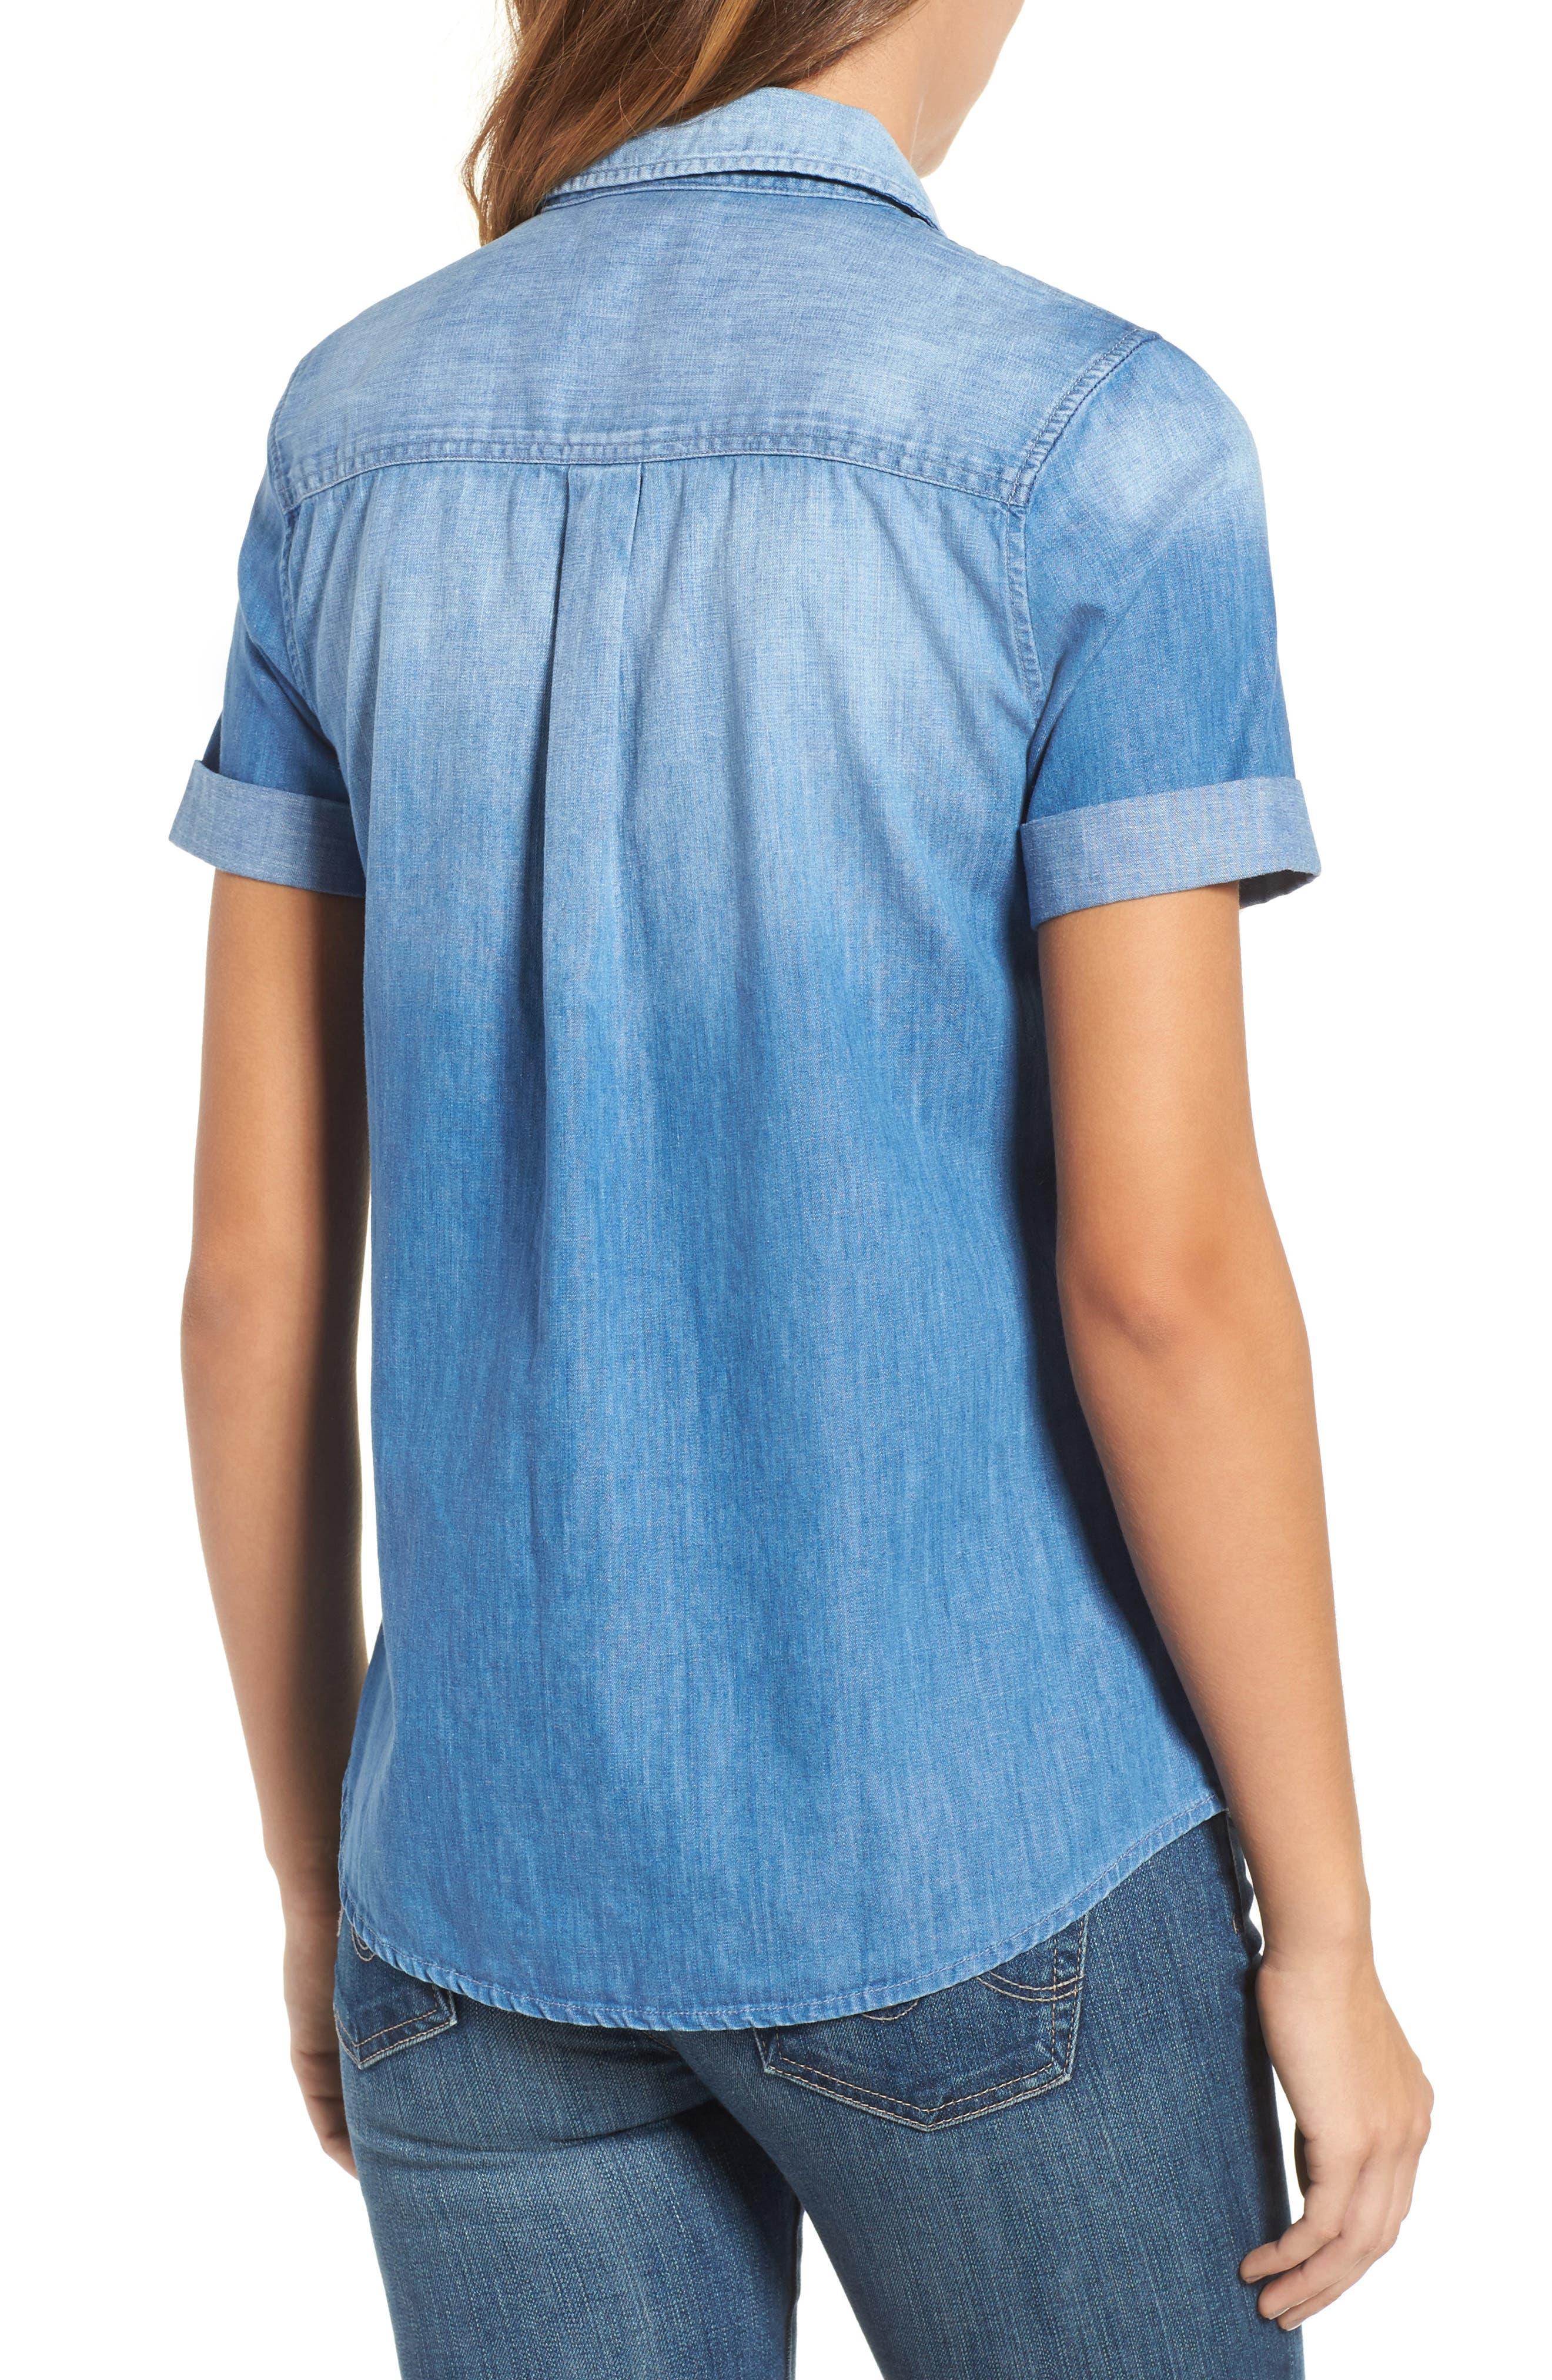 Easton Denim Shirt,                             Alternate thumbnail 2, color,                             TURBULENCE